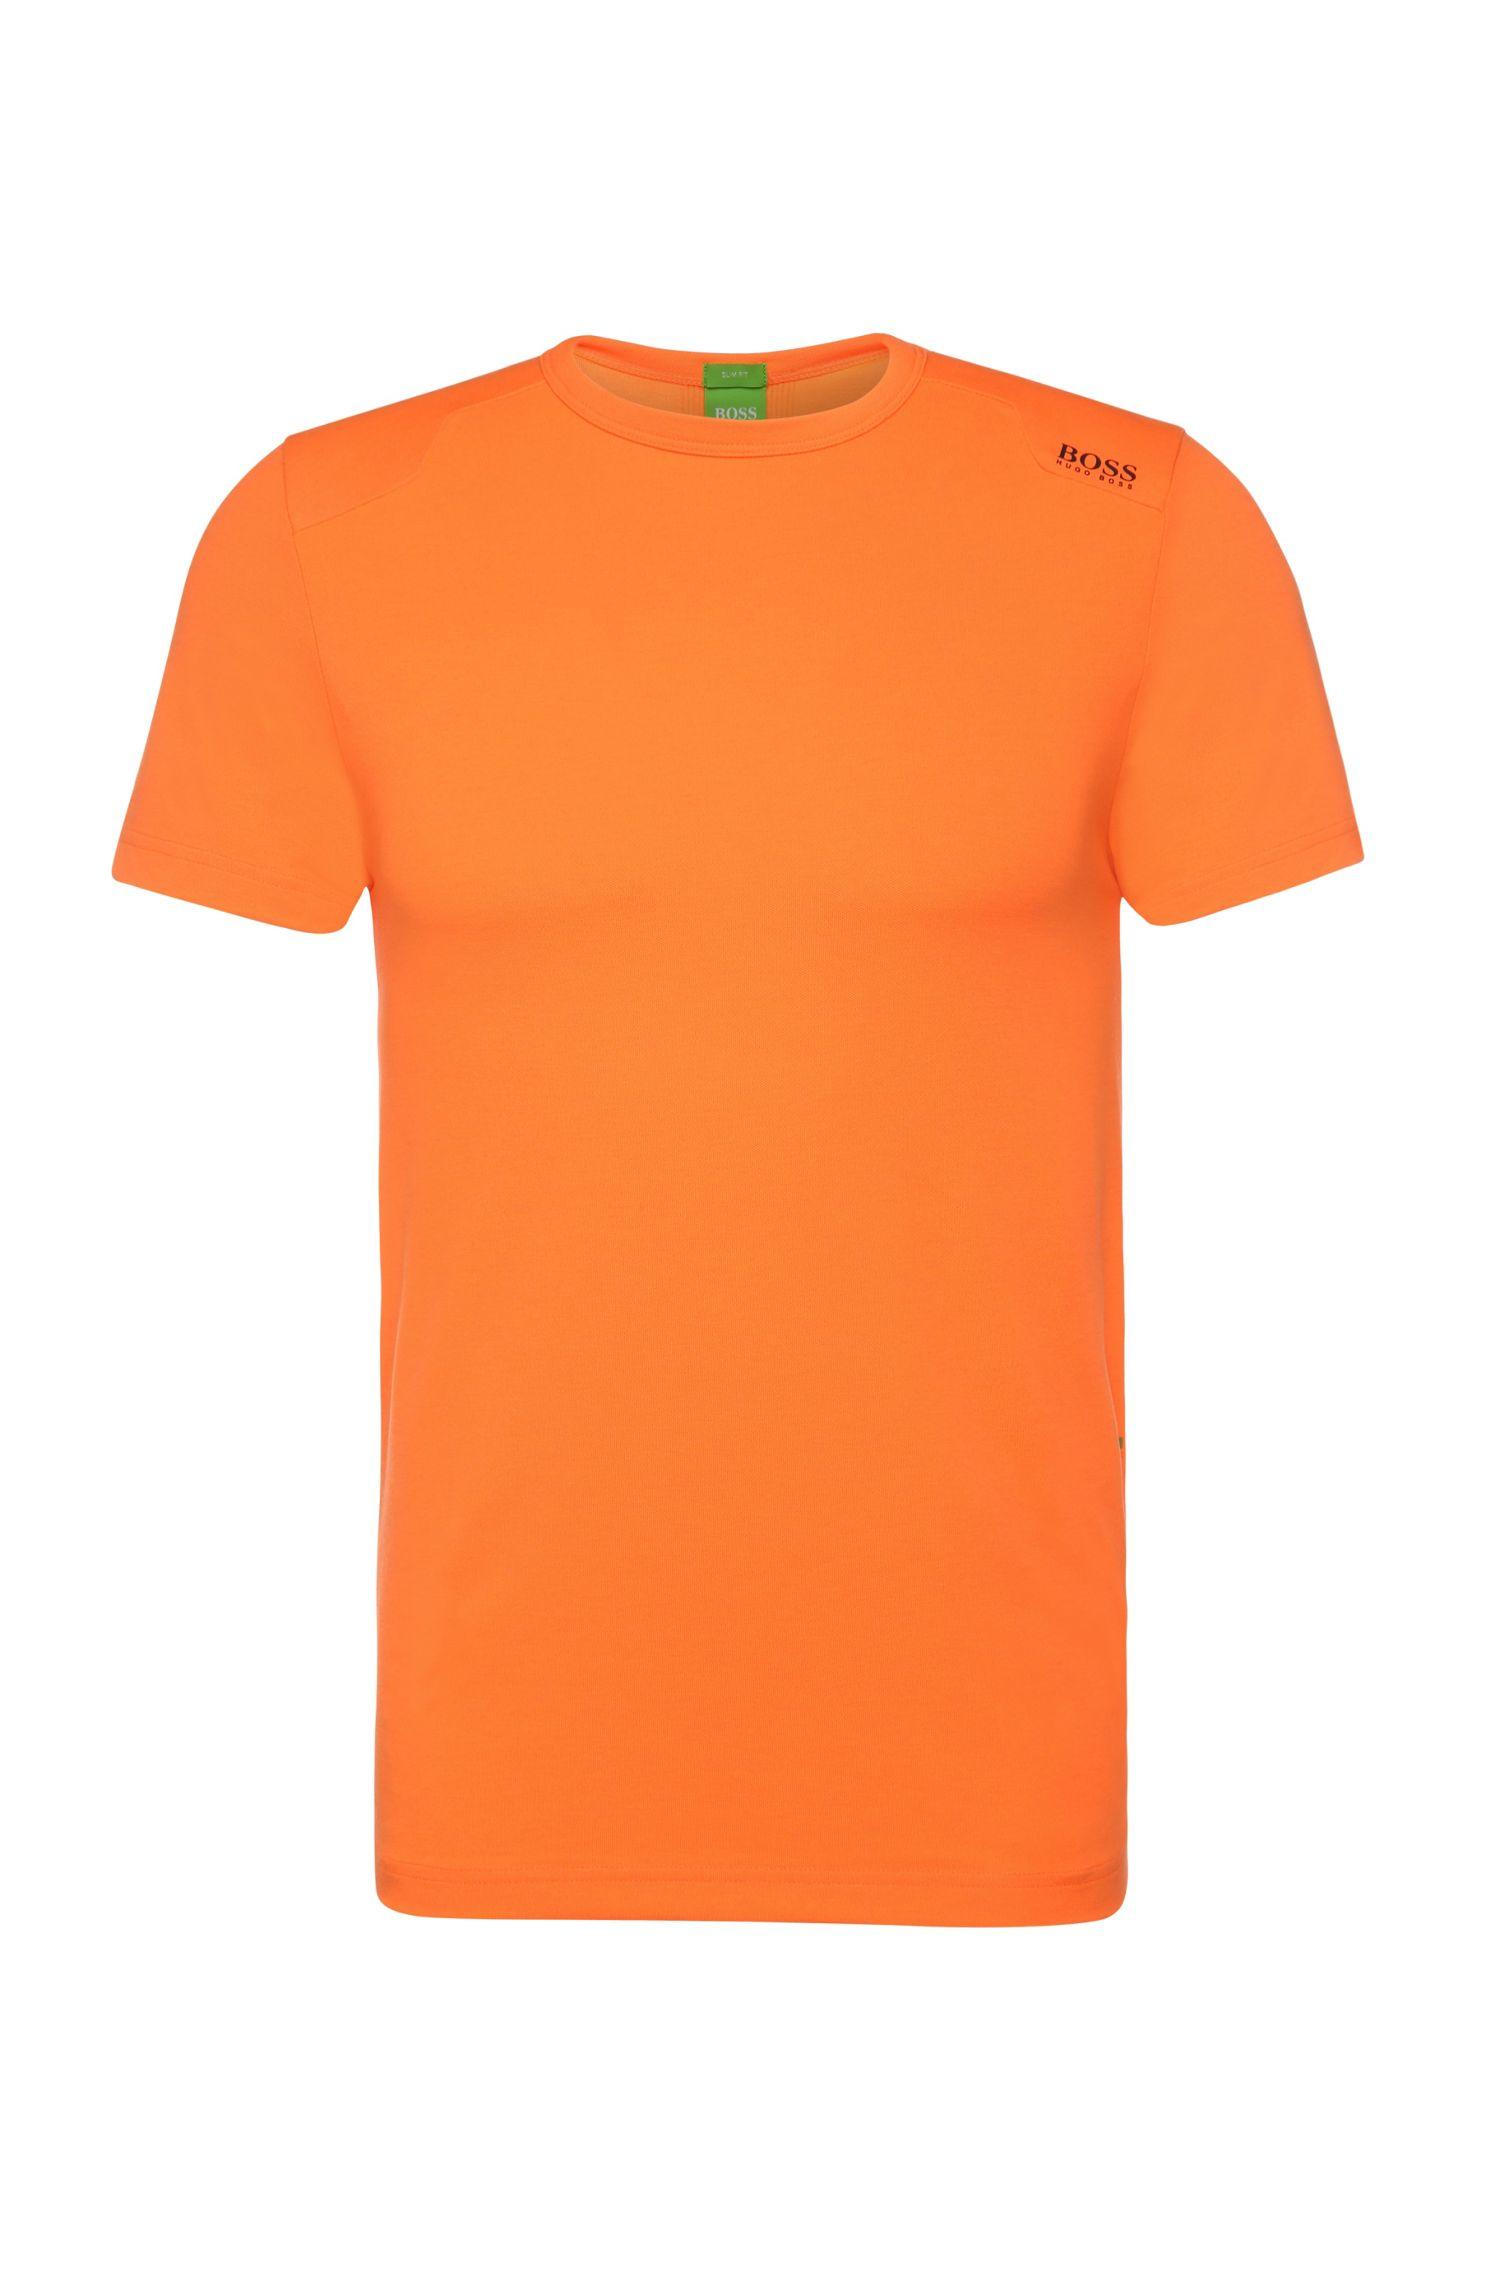 'Teenox'   Moisture Manager Stretch Cotton Blend T-Shirt